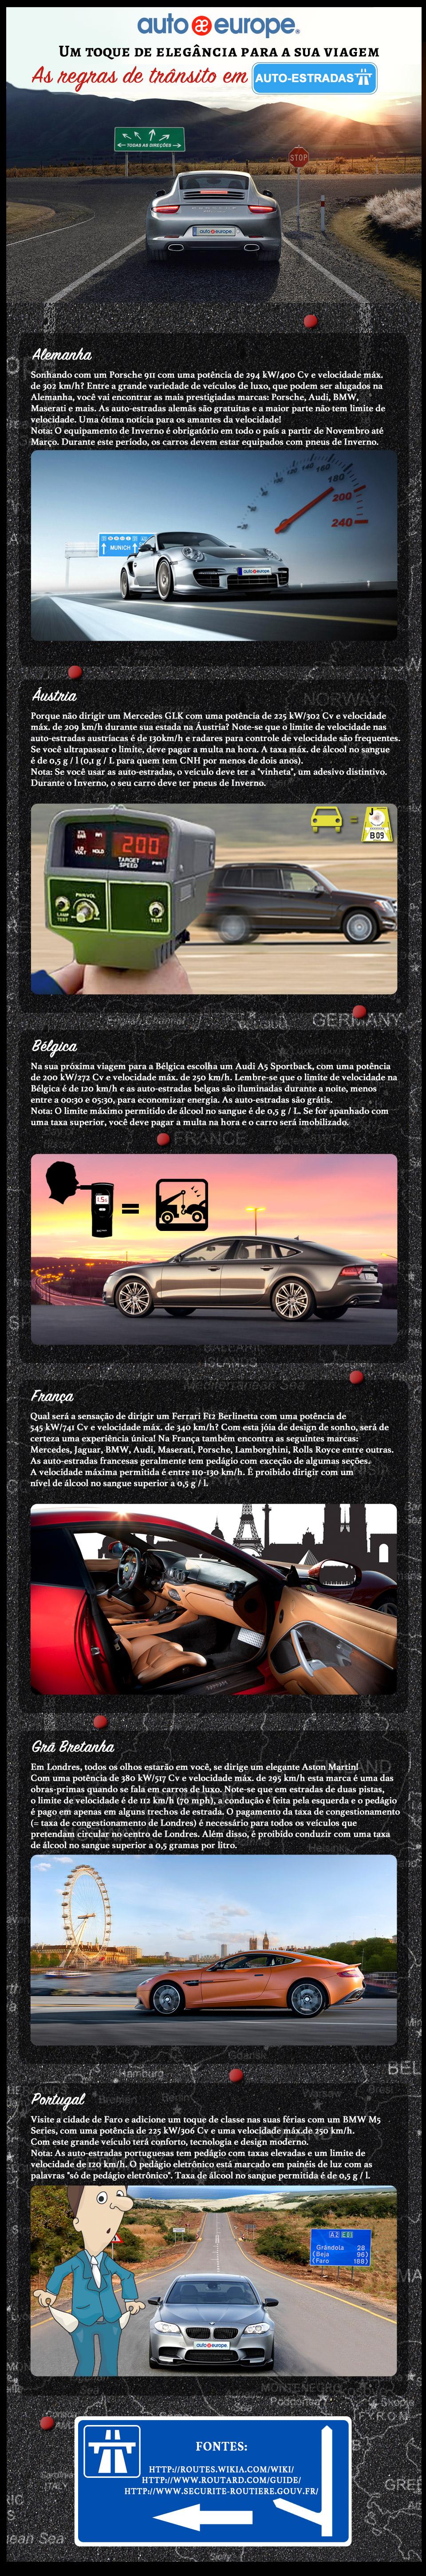 Regras de trânsito nas Auto-Estradas | Auto Europe